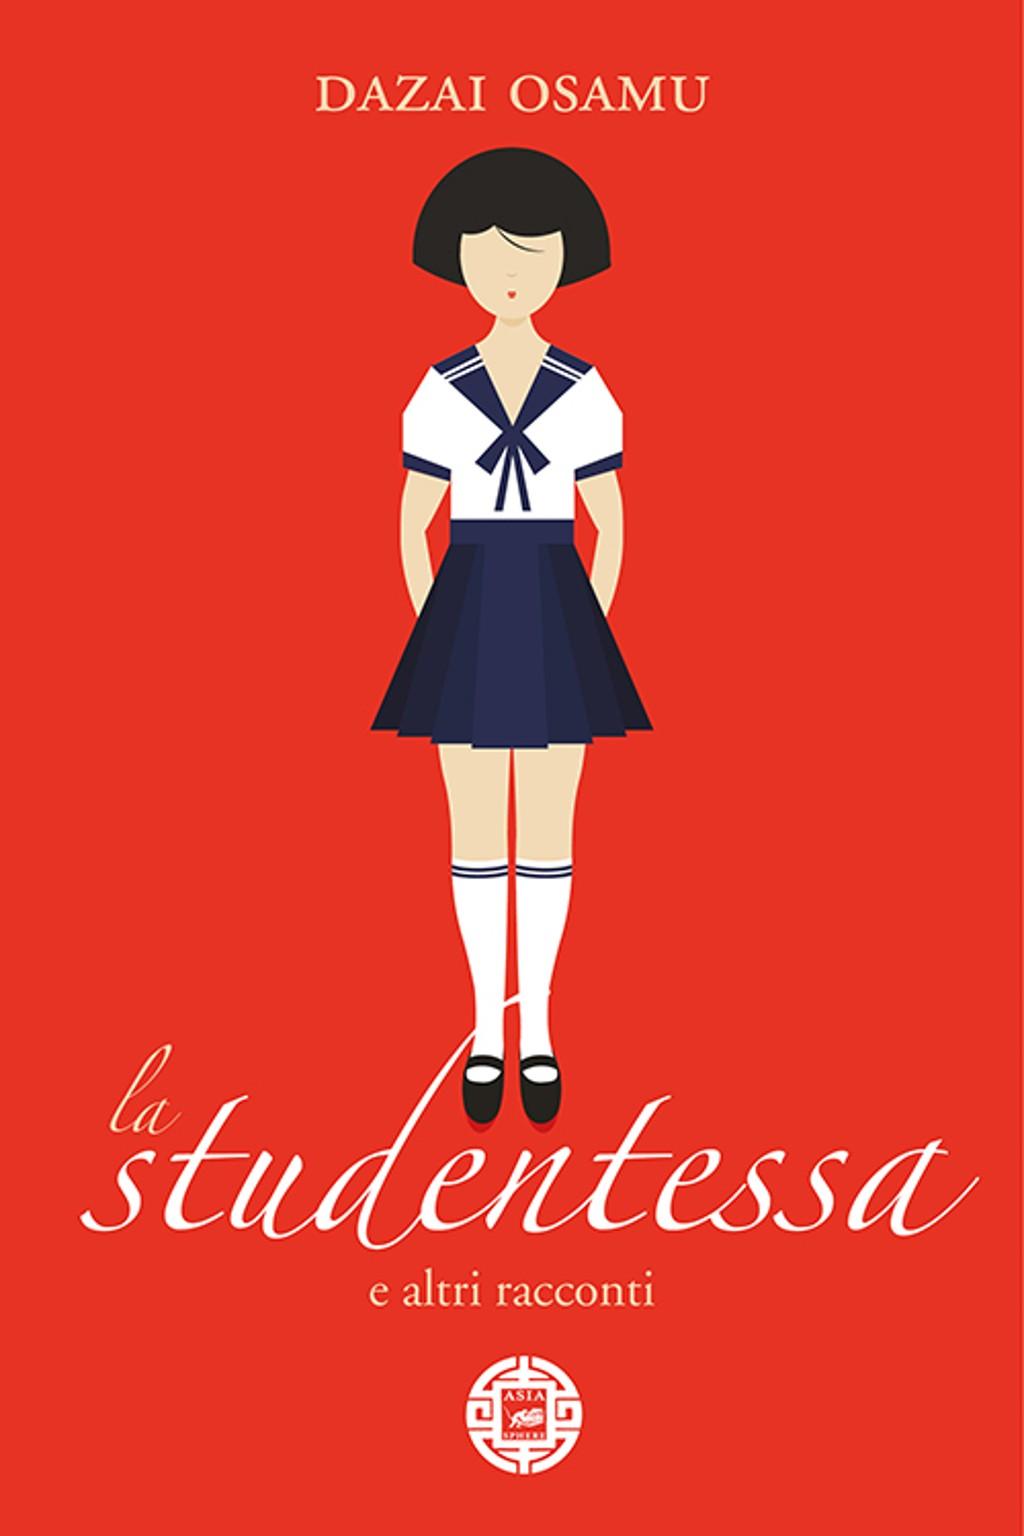 La studentessa e altri racconti